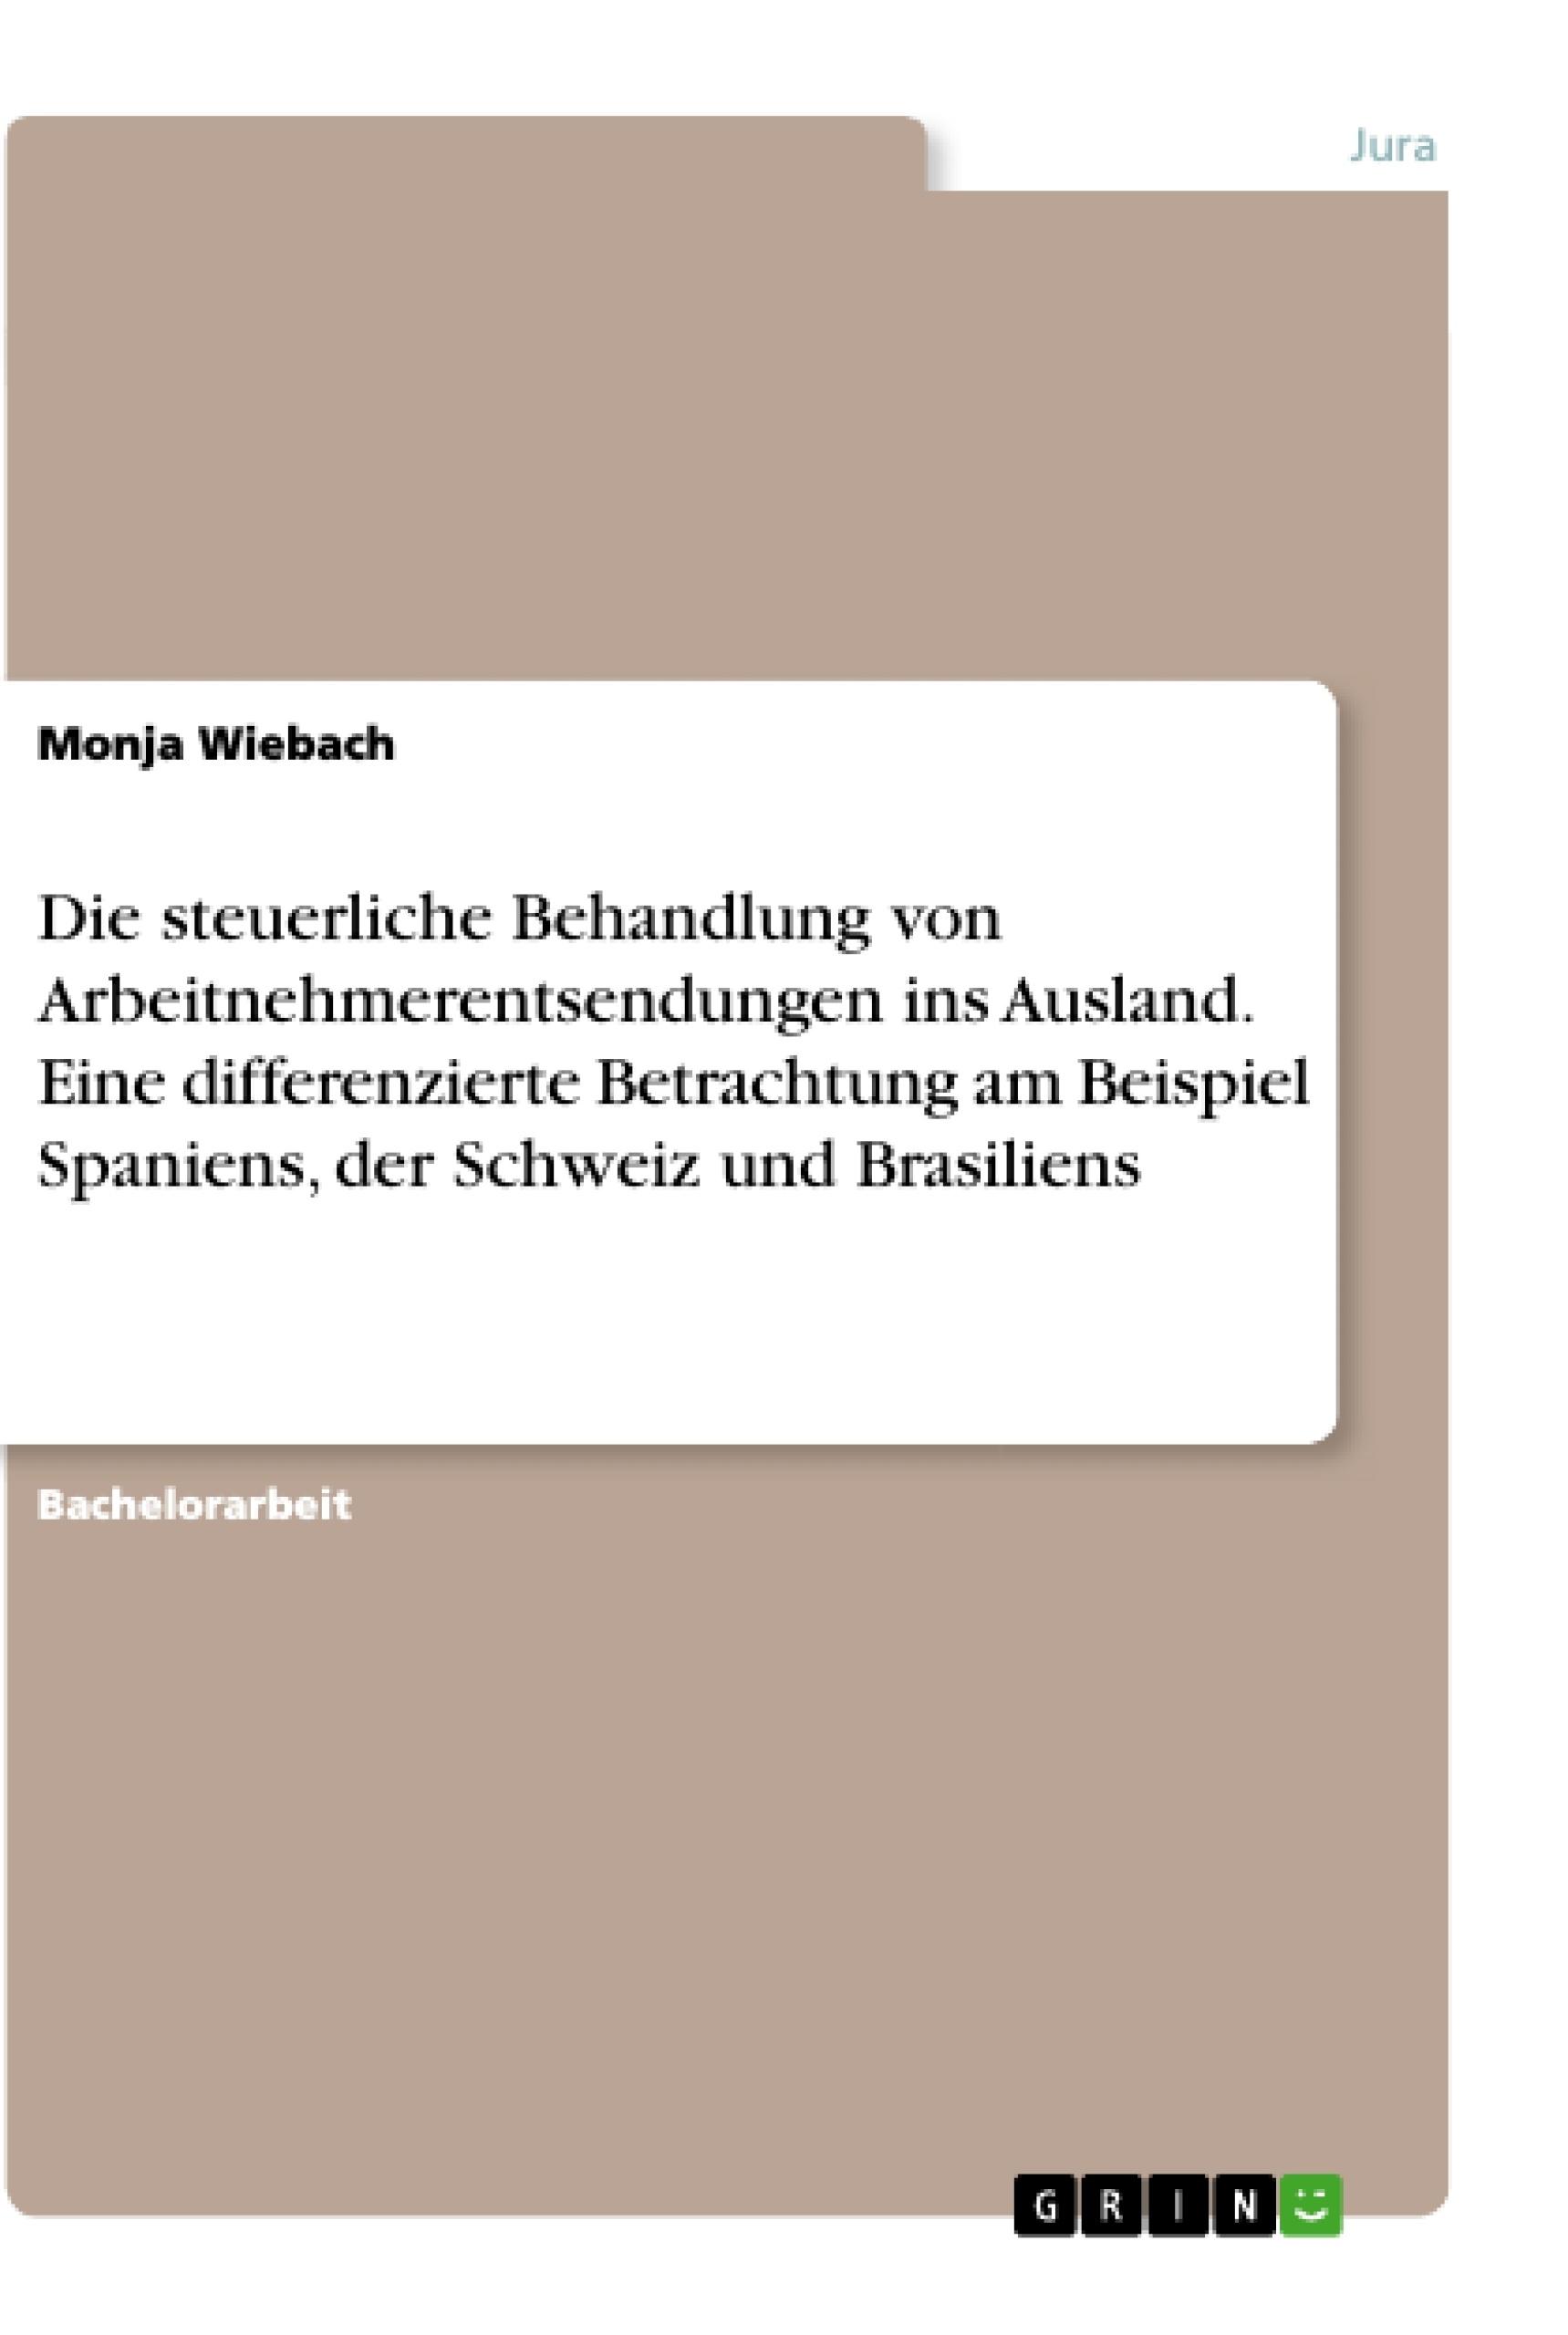 Titel: Die steuerliche Behandlung von Arbeitnehmerentsendungen ins Ausland. Eine differenzierte Betrachtung am Beispiel Spaniens, der Schweiz und Brasiliens